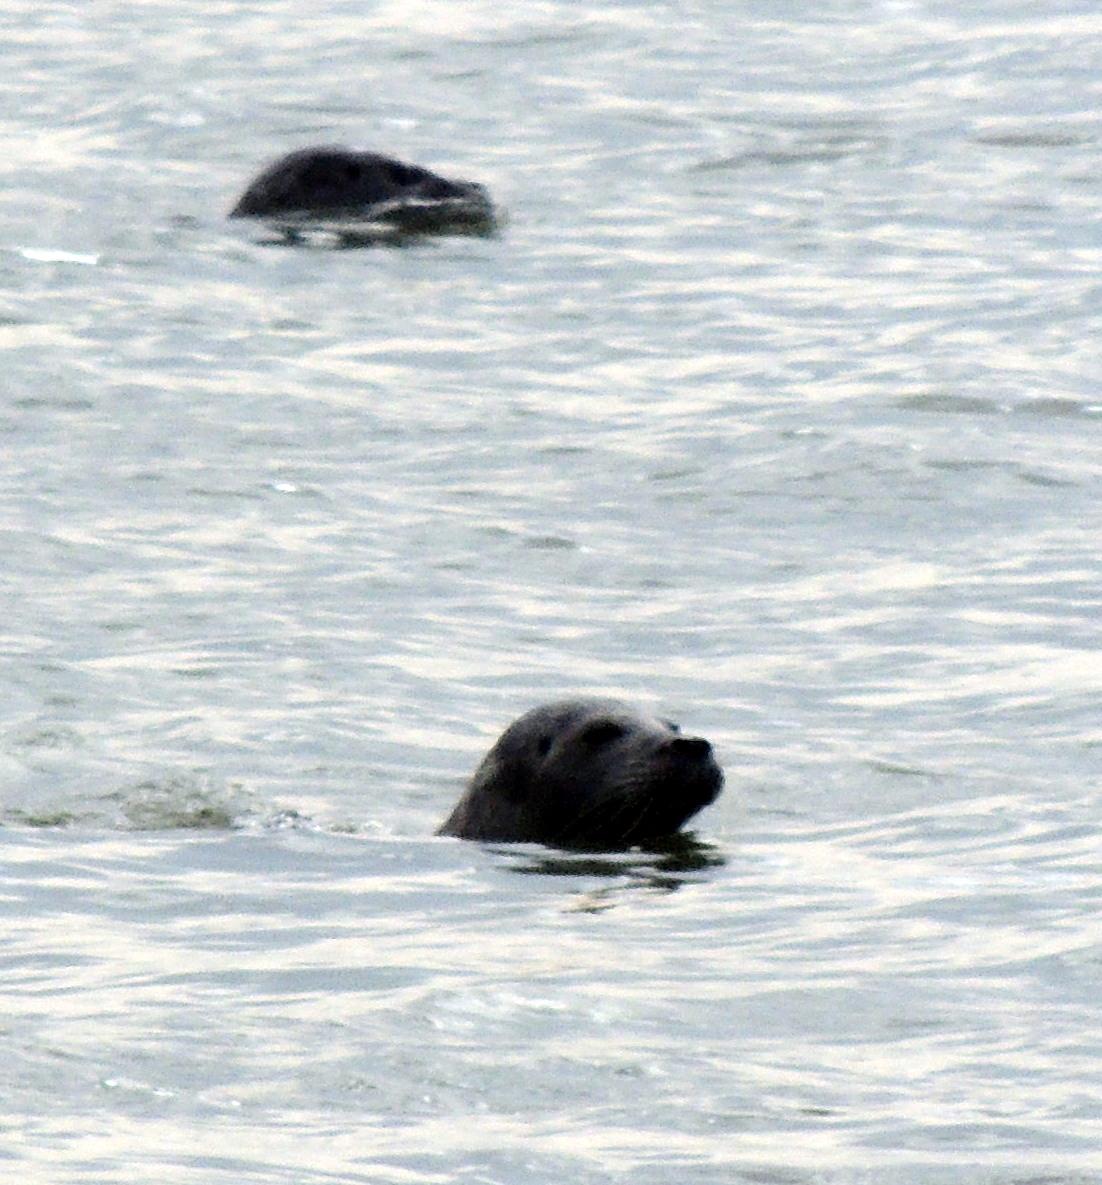 Un phoque à la mer